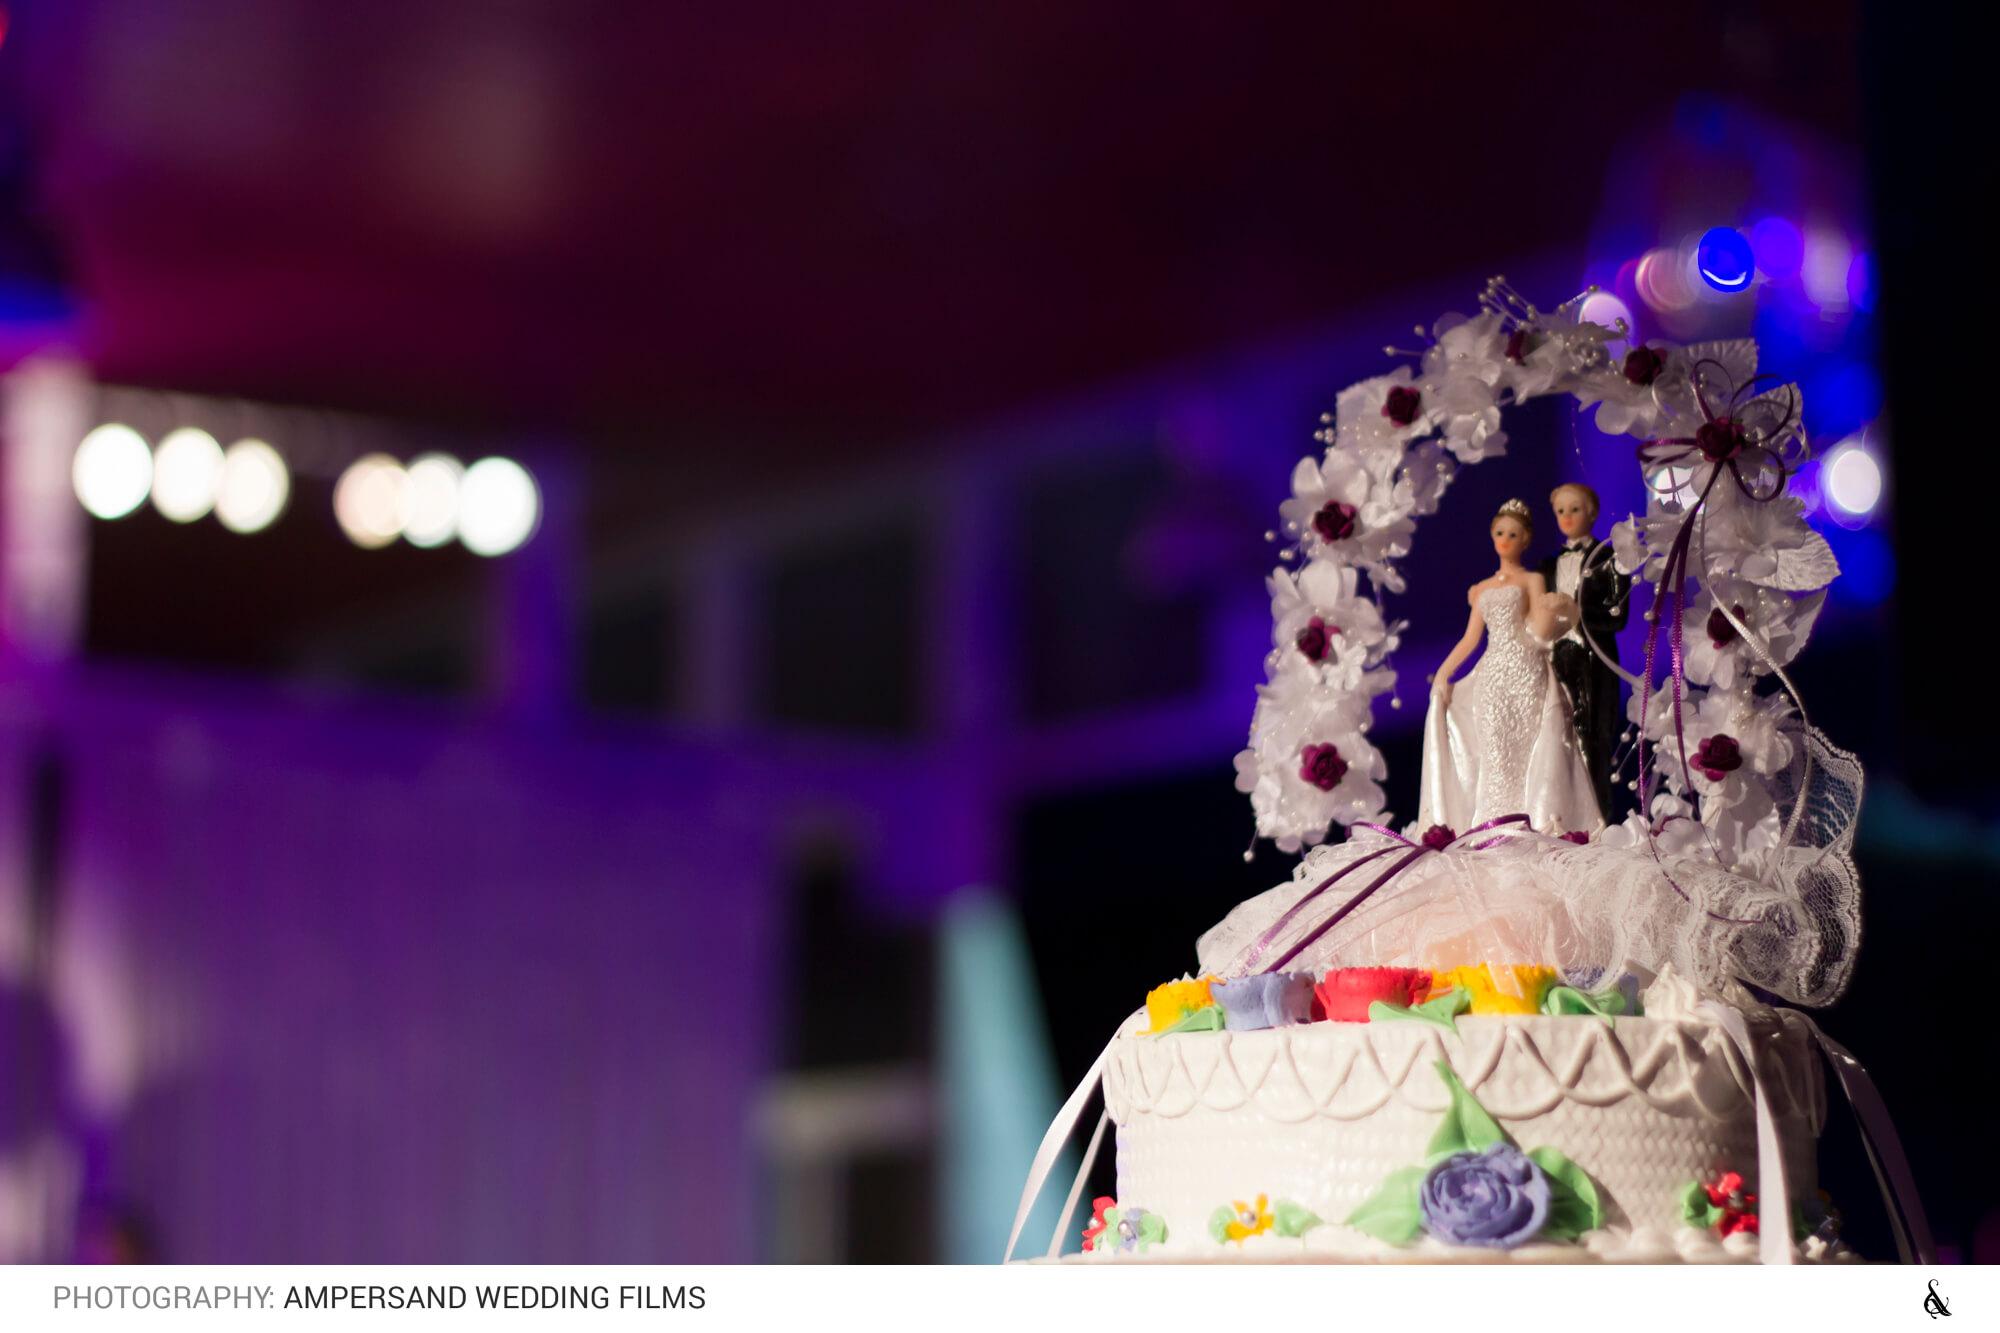 Torta de novios - Matrimonio Pía & Juan Pablo en Campus Oriente